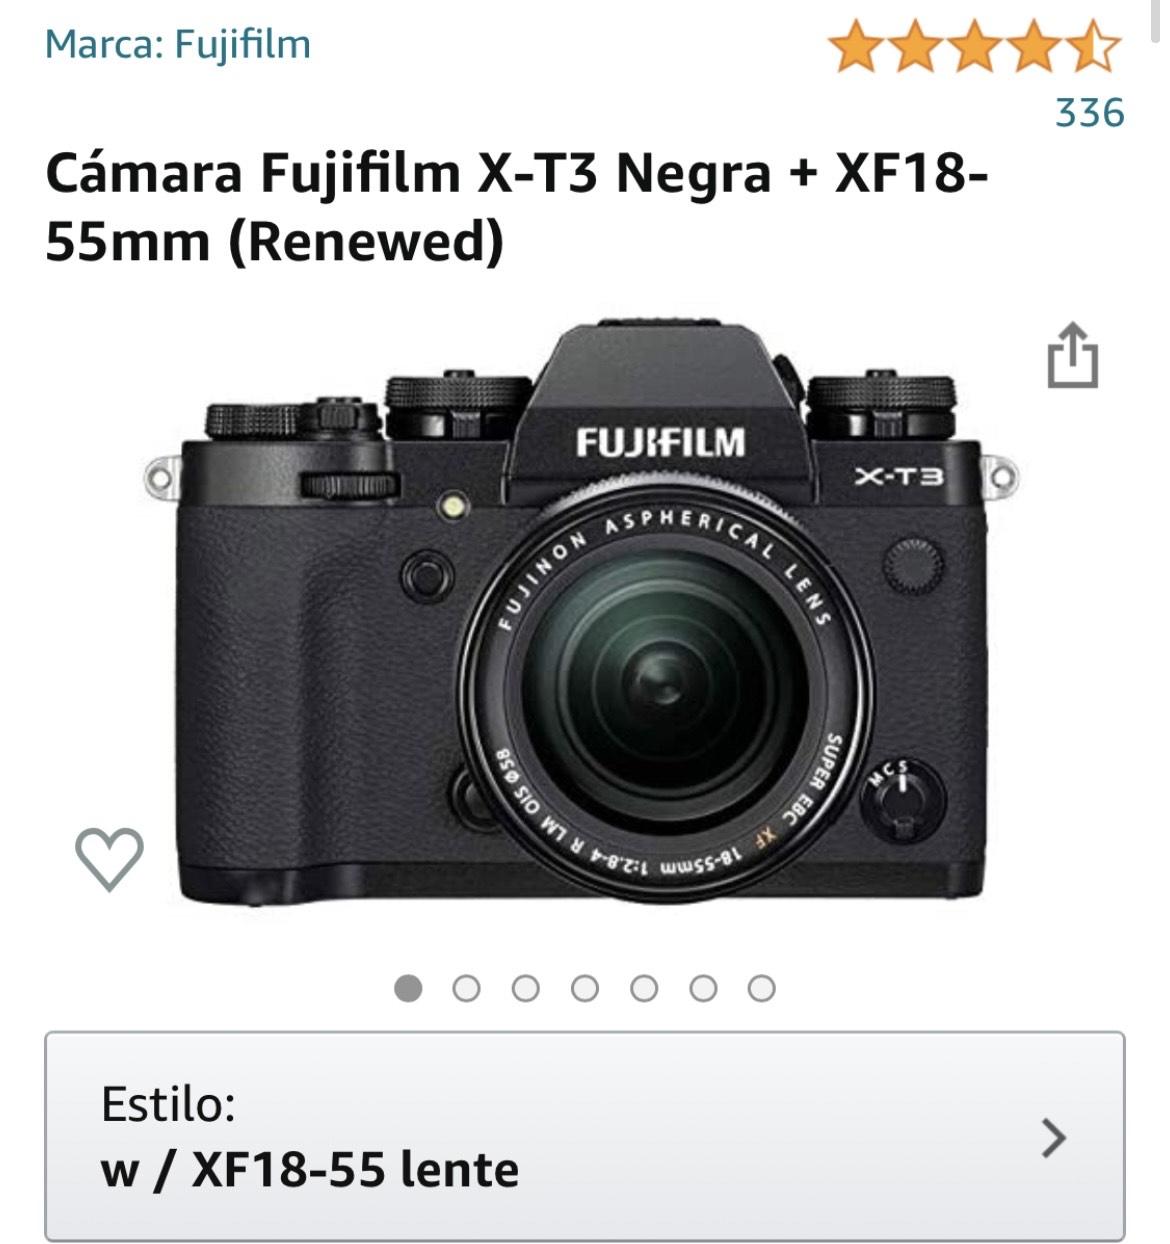 Amazon, Fujifilm X-T3 Negra + XF18-55mm